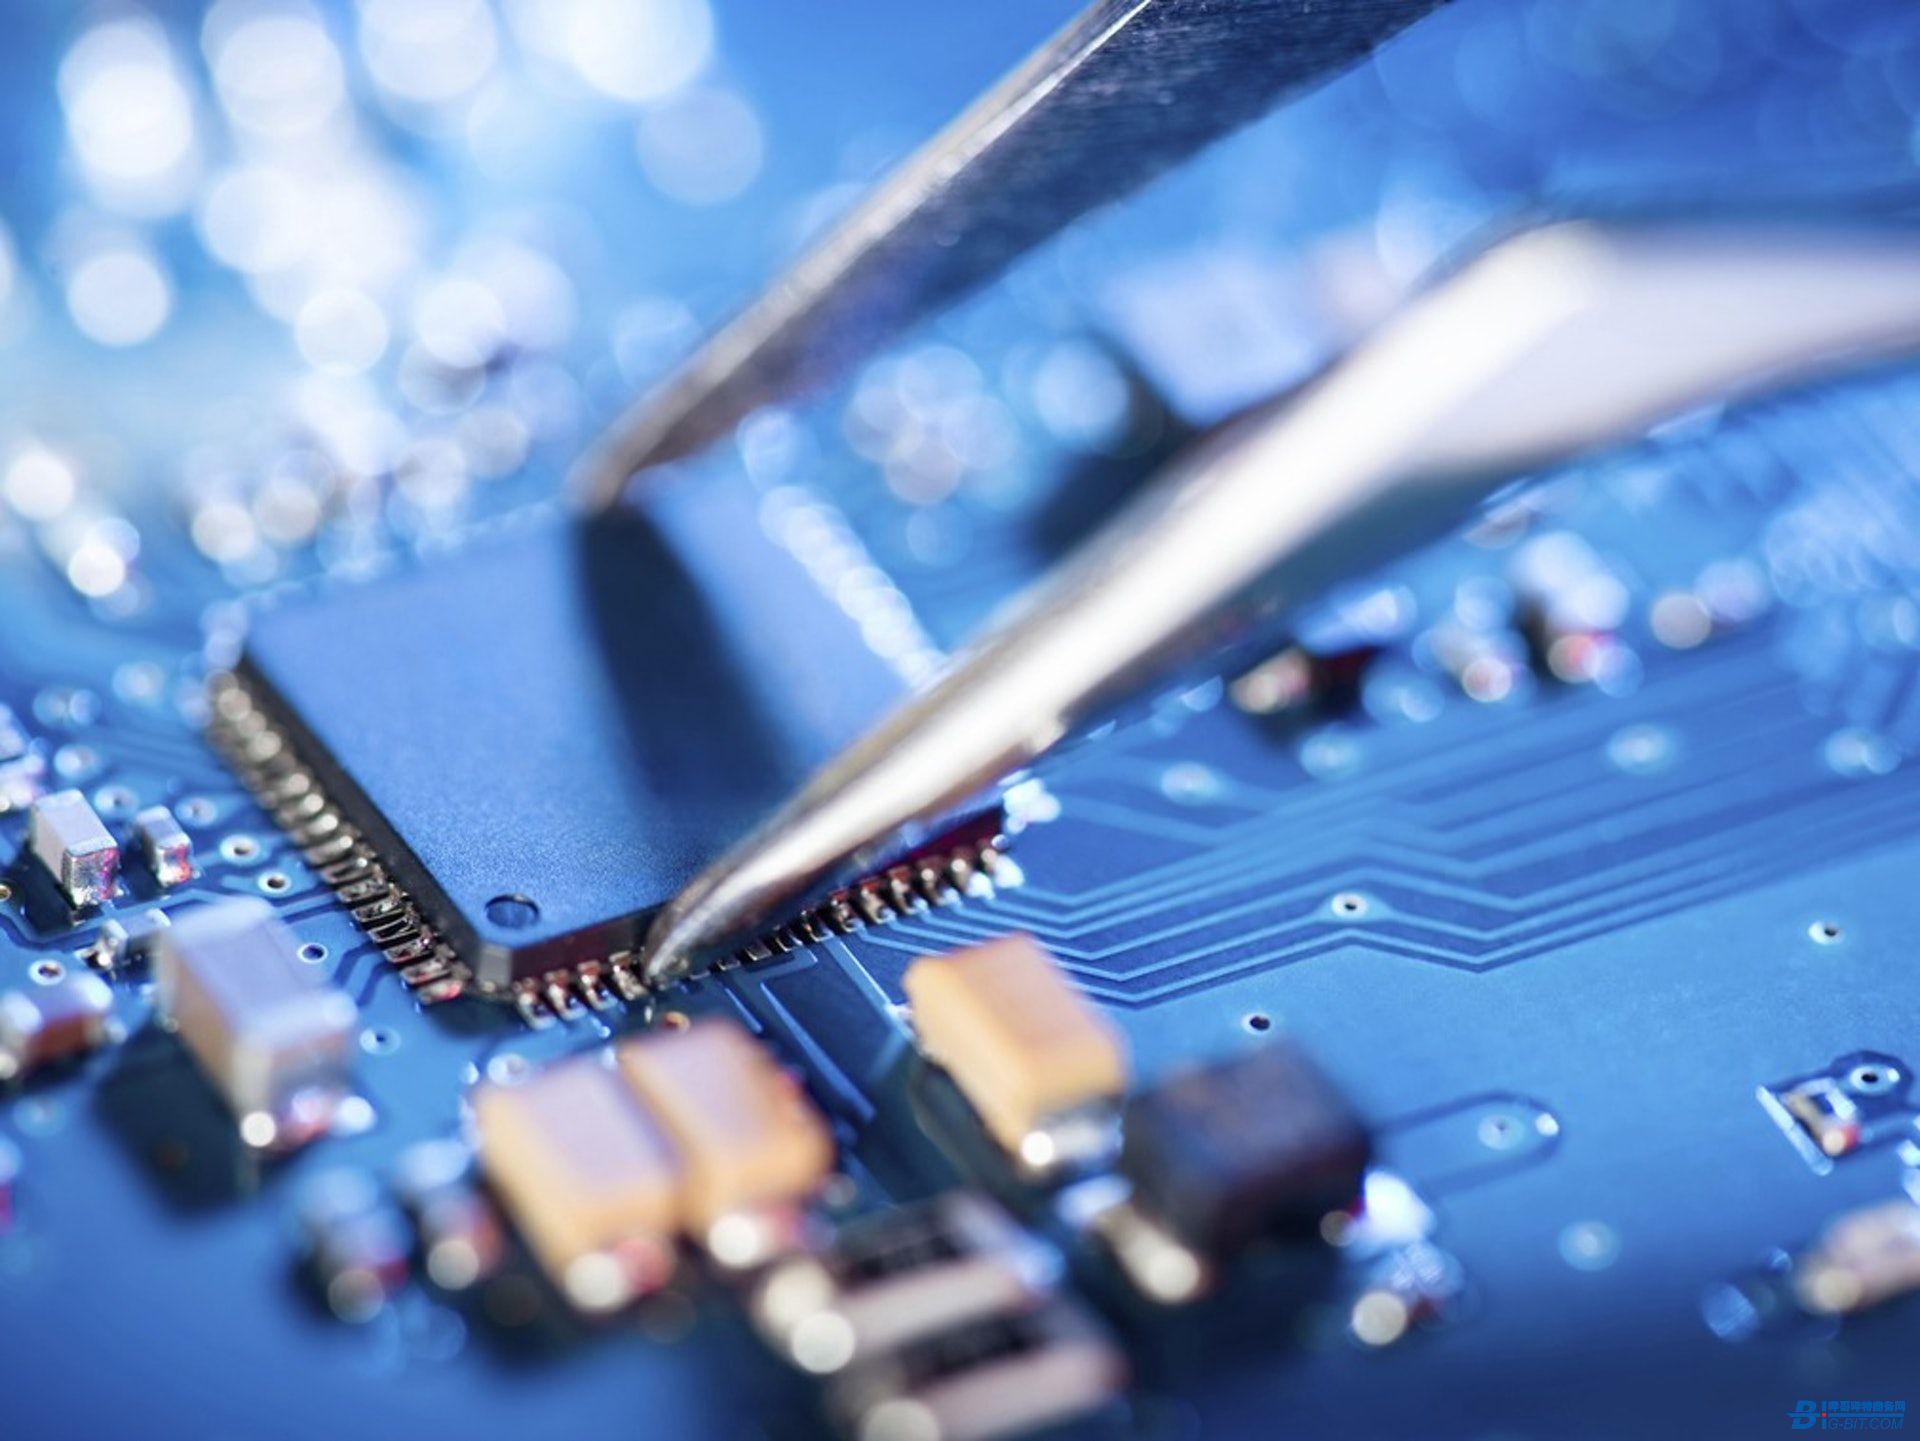 200亿美元!英特尔计划在美国新建两家芯片厂